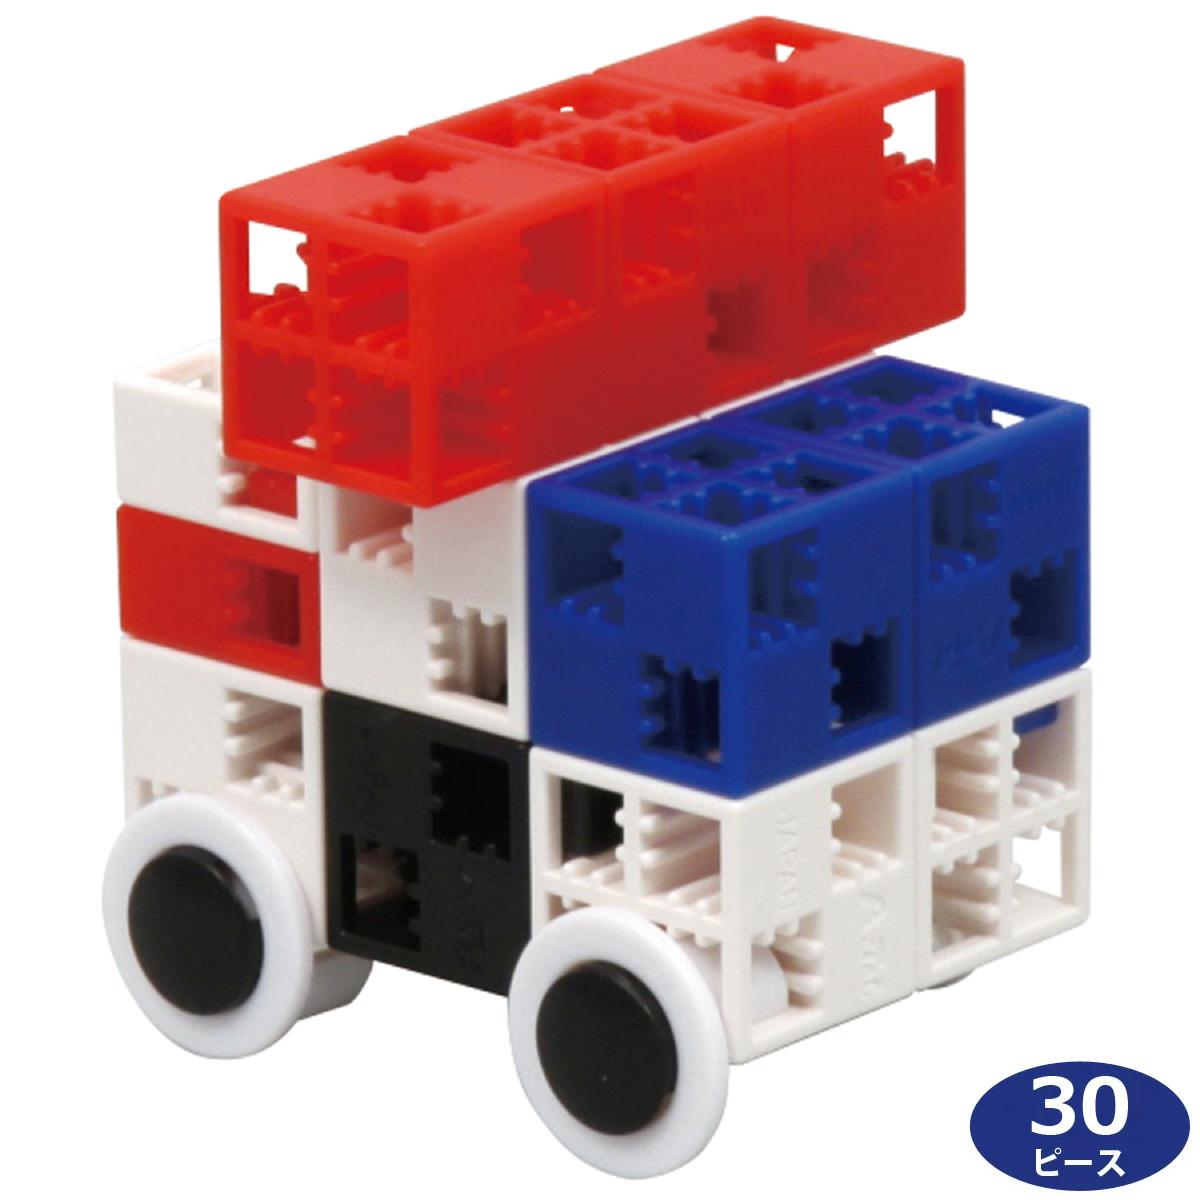 アーテックブロック レスキューセット30ピース PP袋入知育玩具 キッズ 幼児 パズル 工作 おもちゃ レゴ・レゴブロックのように遊べます